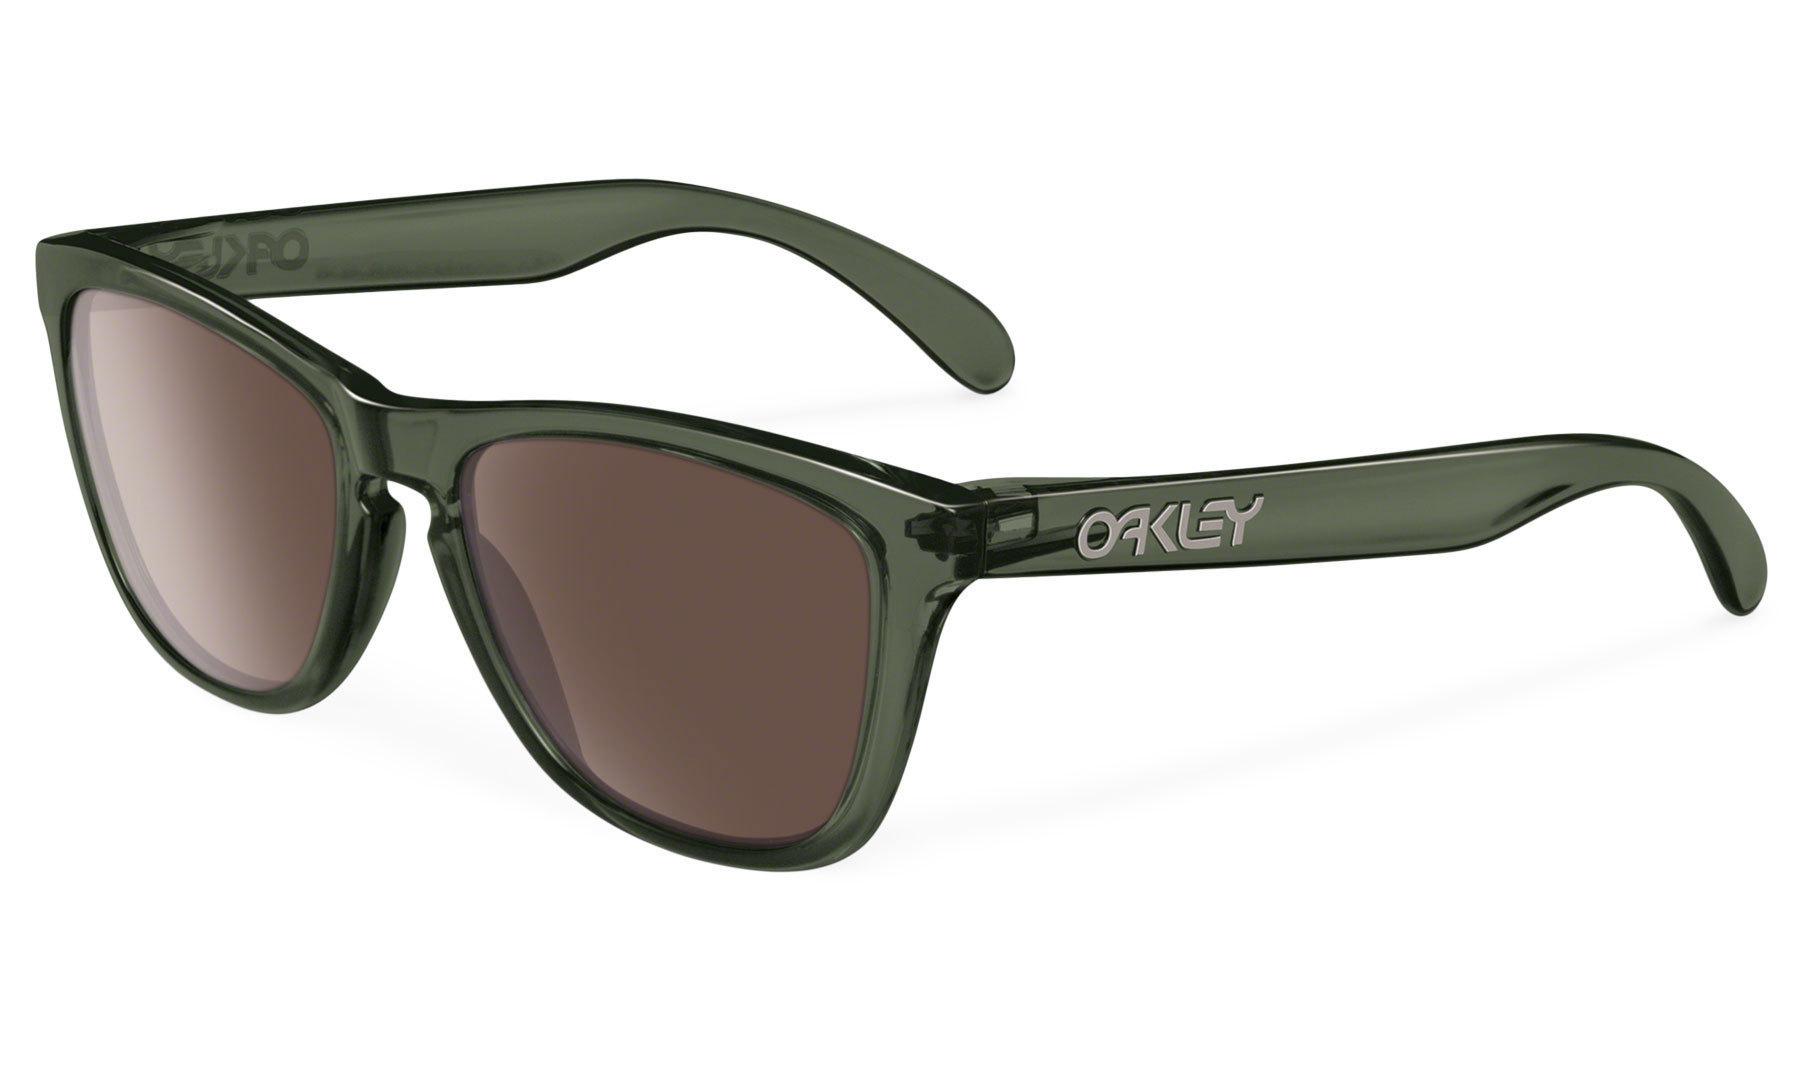 abf534b1ec Lunette Oakley - Frogskins Olive Ink/Warm Grey - Oakley - Lunettes...